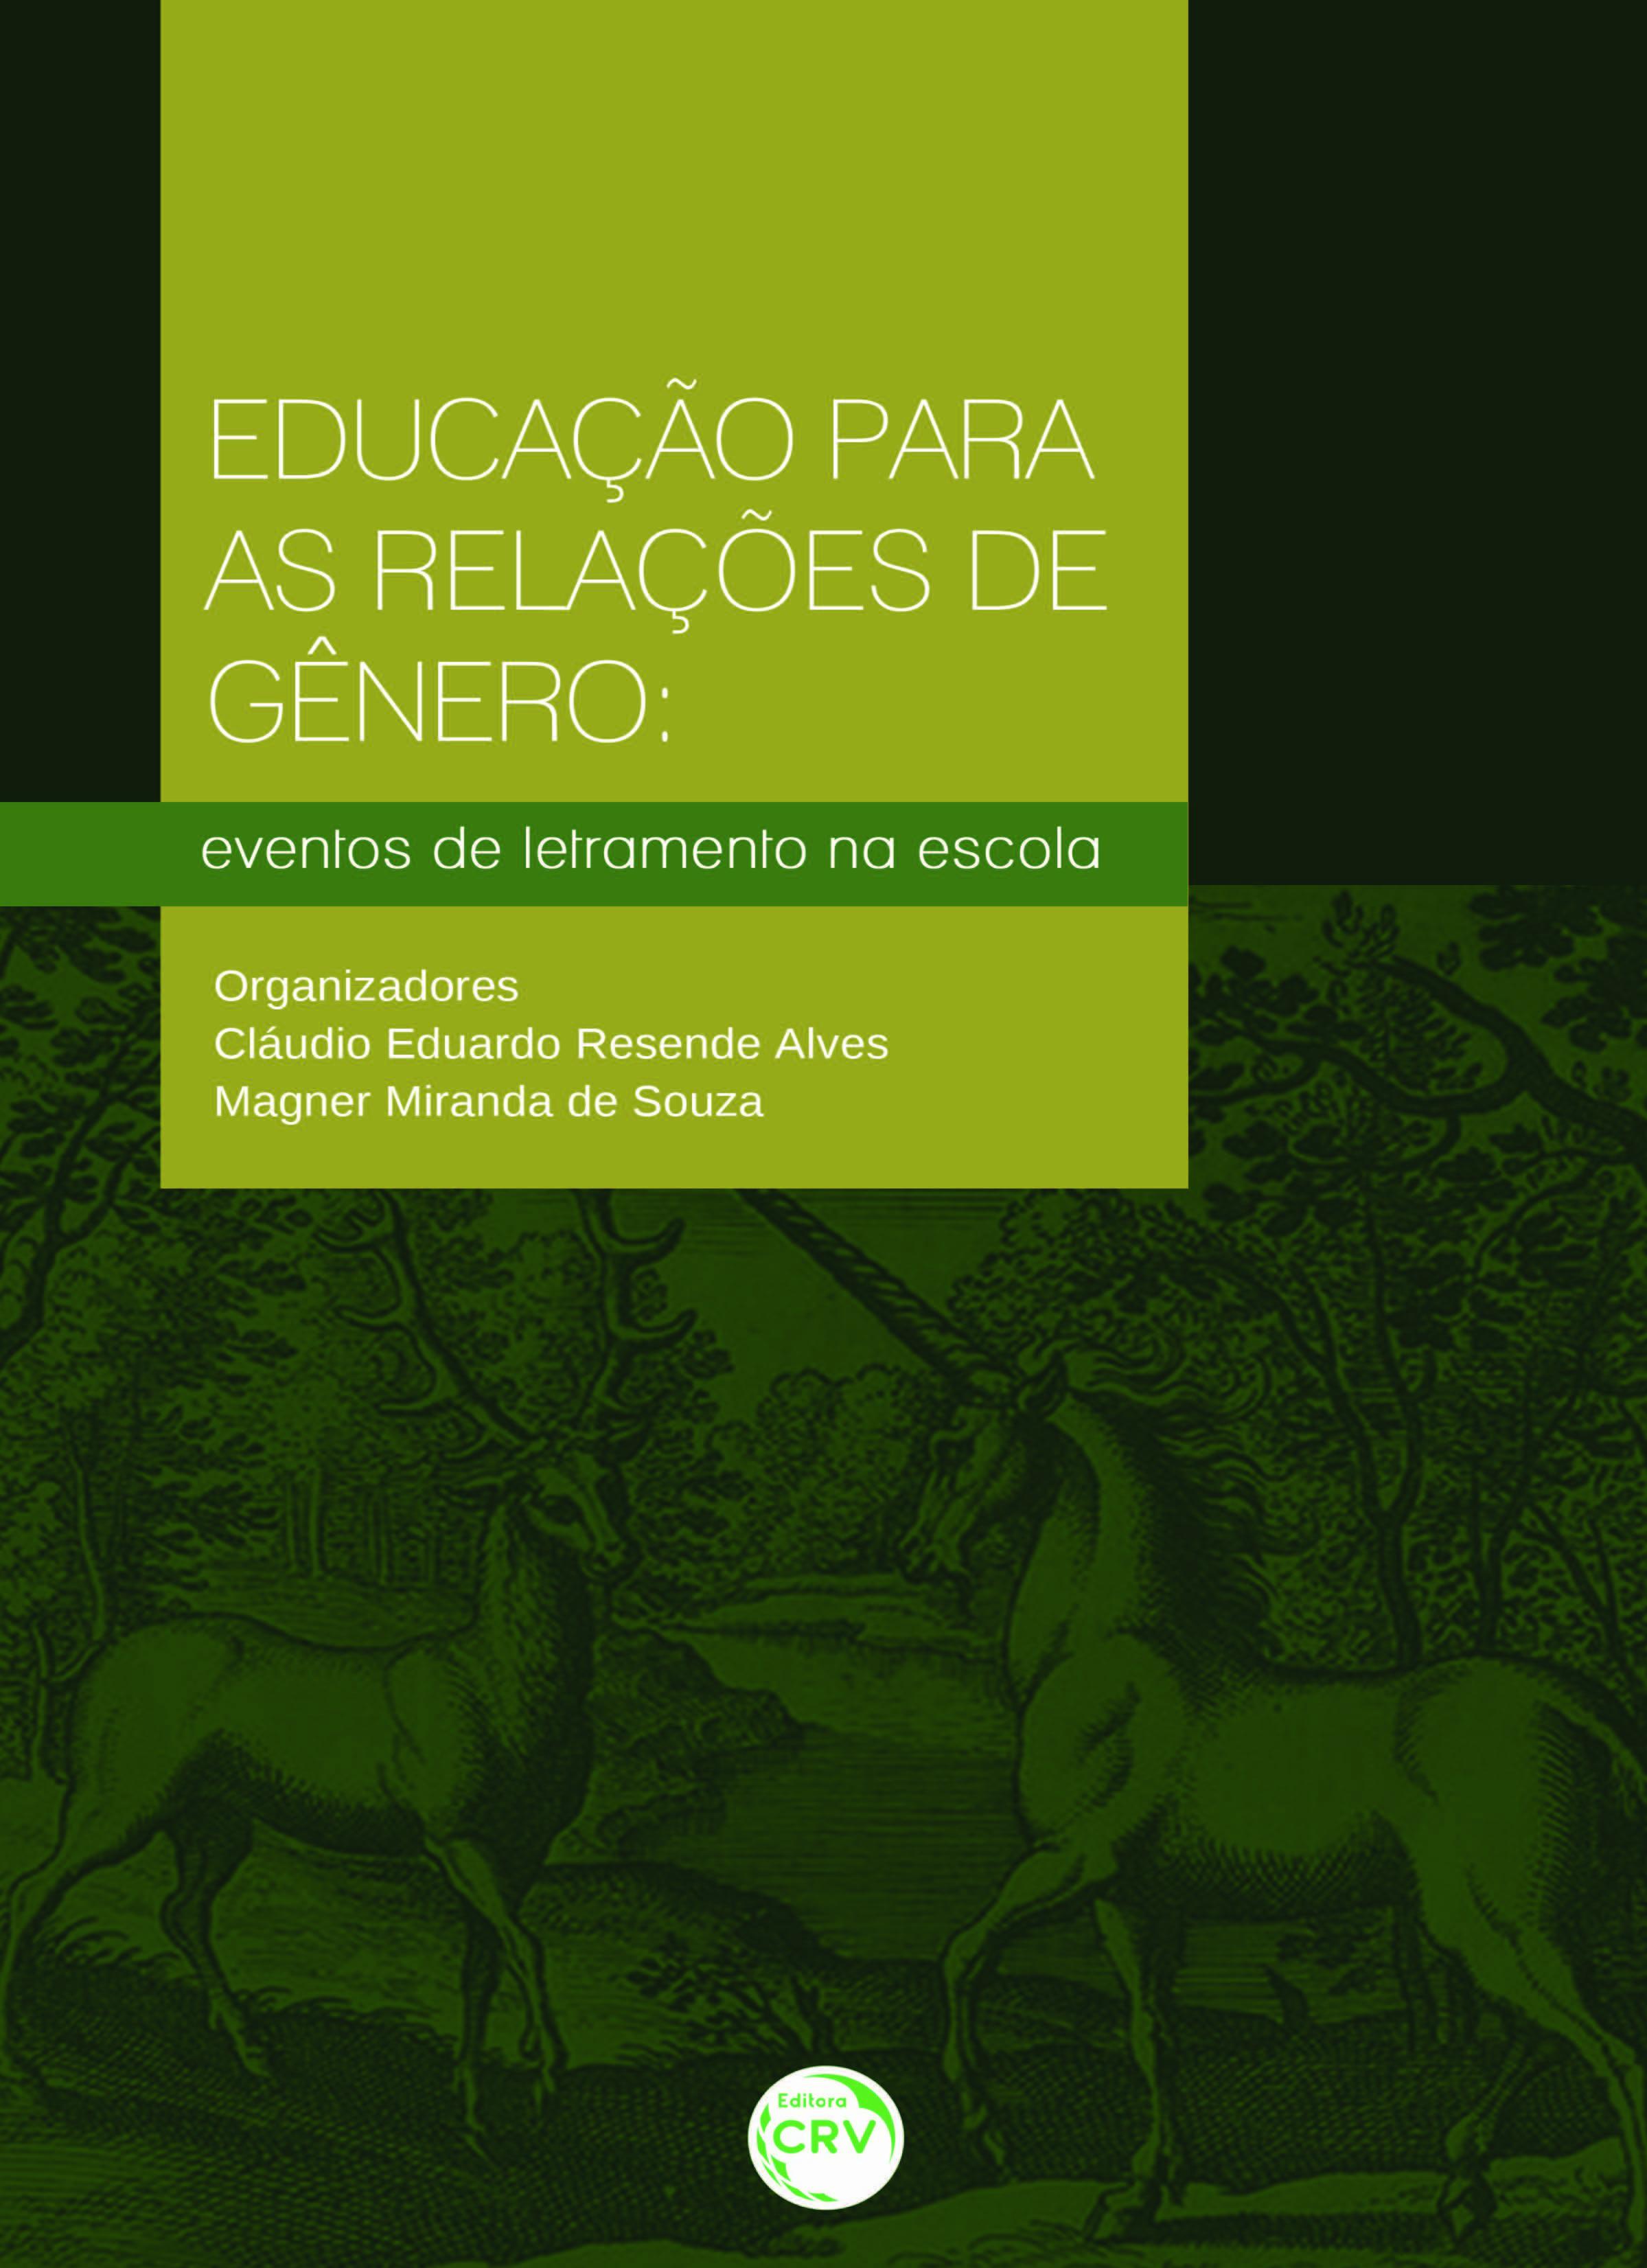 Capa do livro: EDUCAÇÃO PARA AS RELAÇÕES DE GÊNERO:<br> eventos de letramento na escola